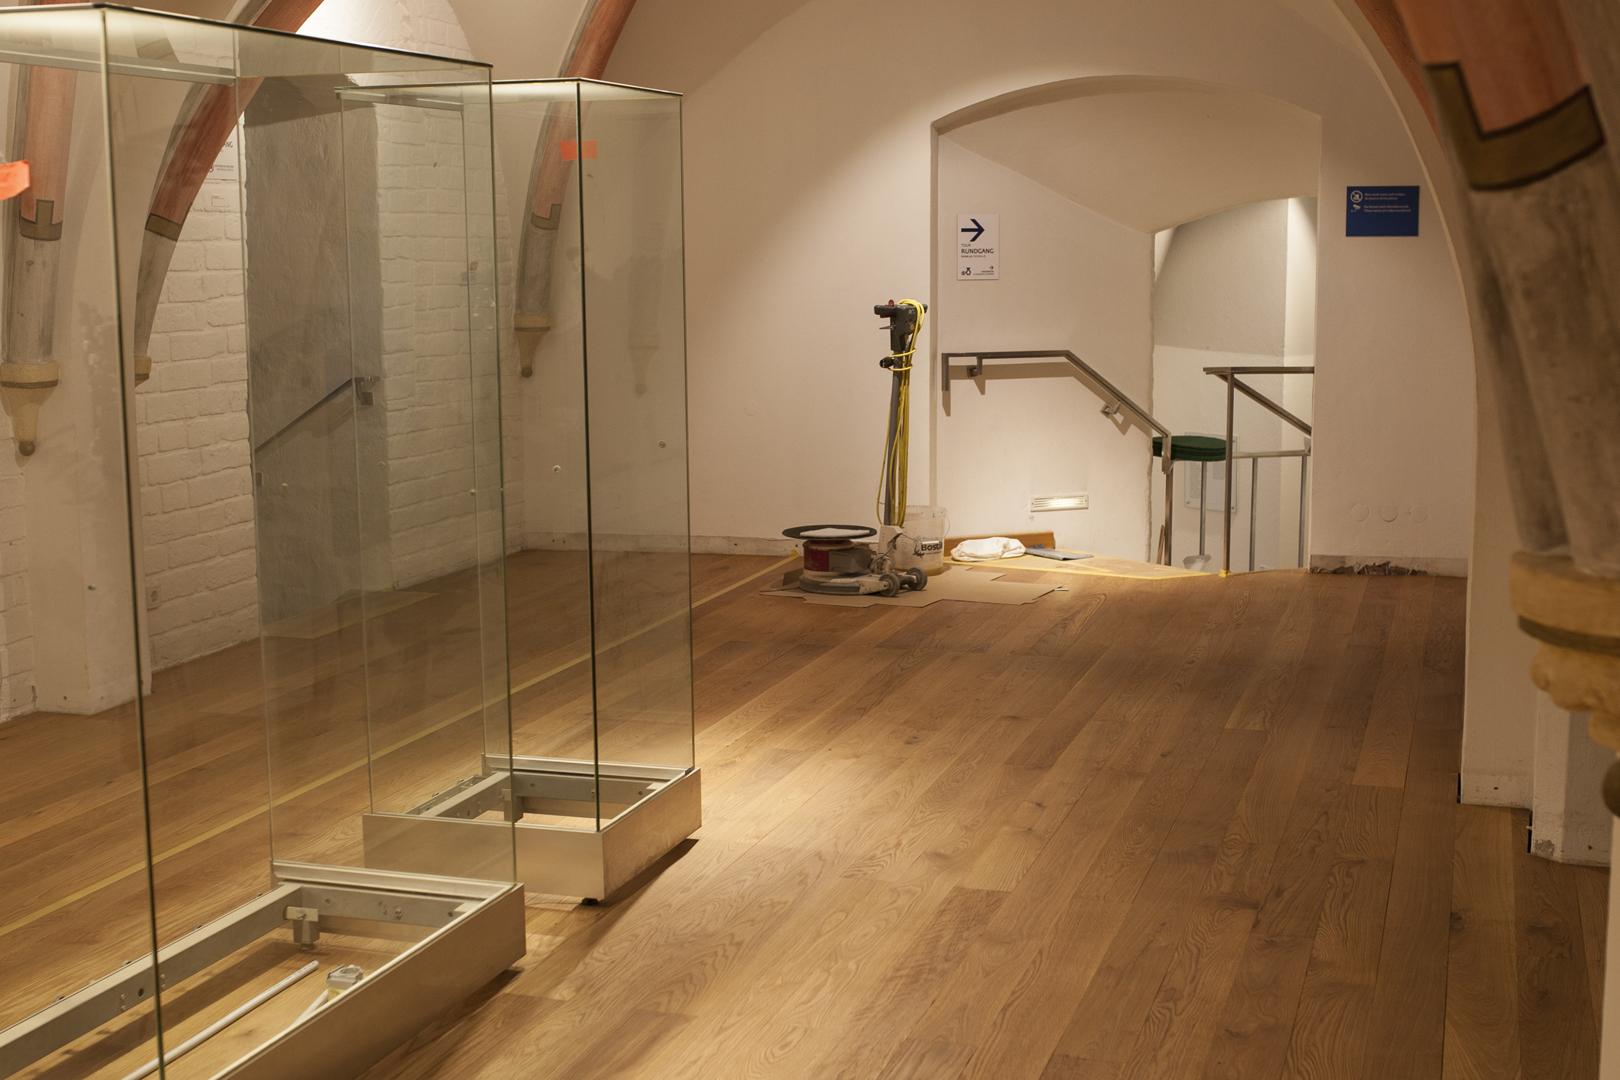 Bautagebuch: Überarbeitete Dauerausstellung, neuer Parkettboden